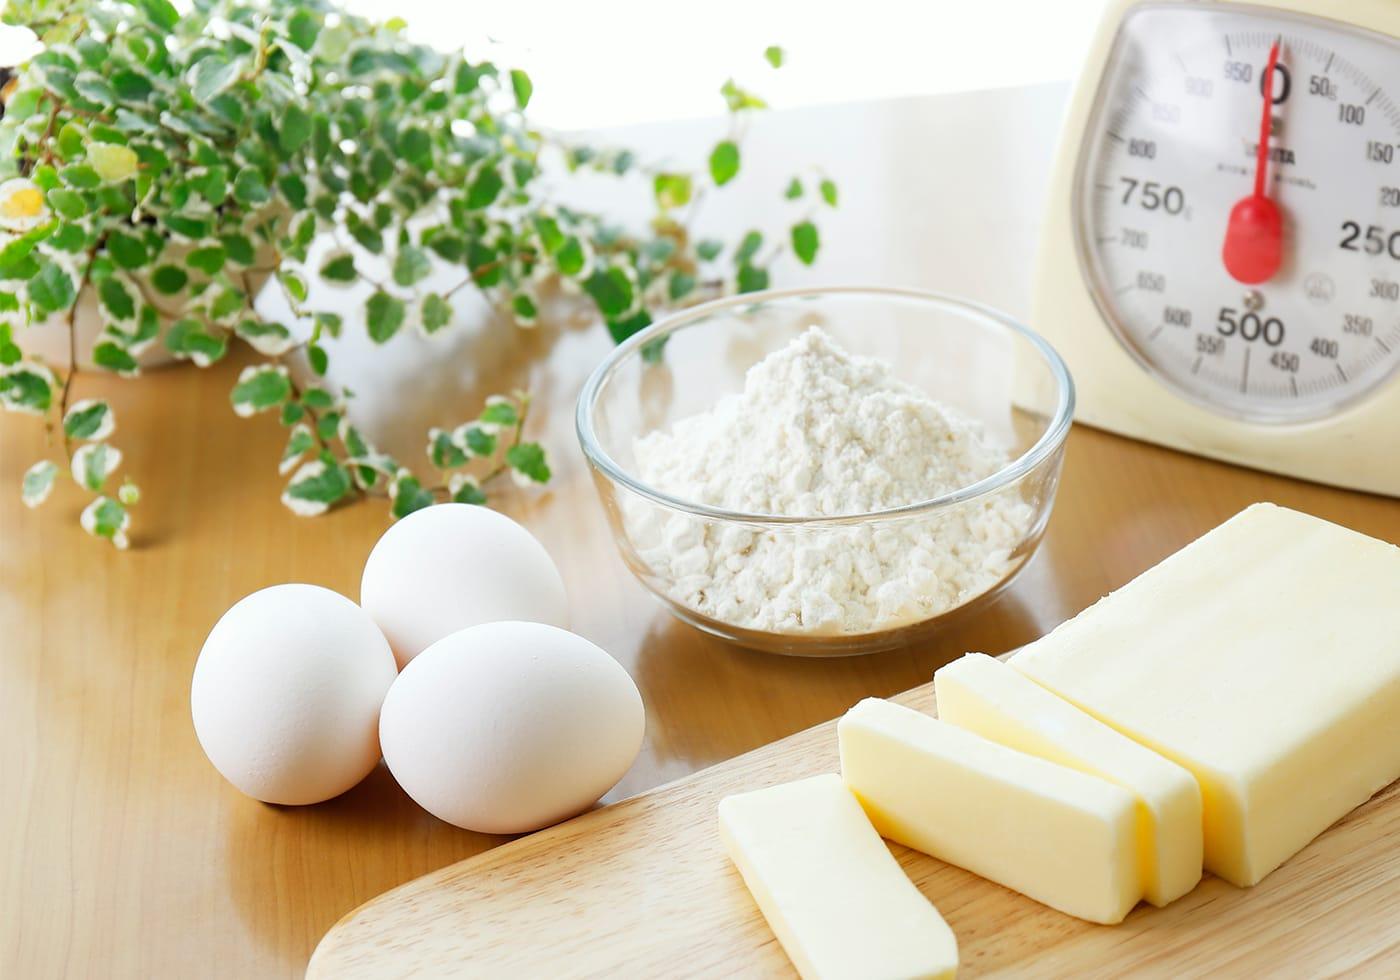 取り扱っている家庭用の食材、卵や小麦粉、バターなどのイメージ画像